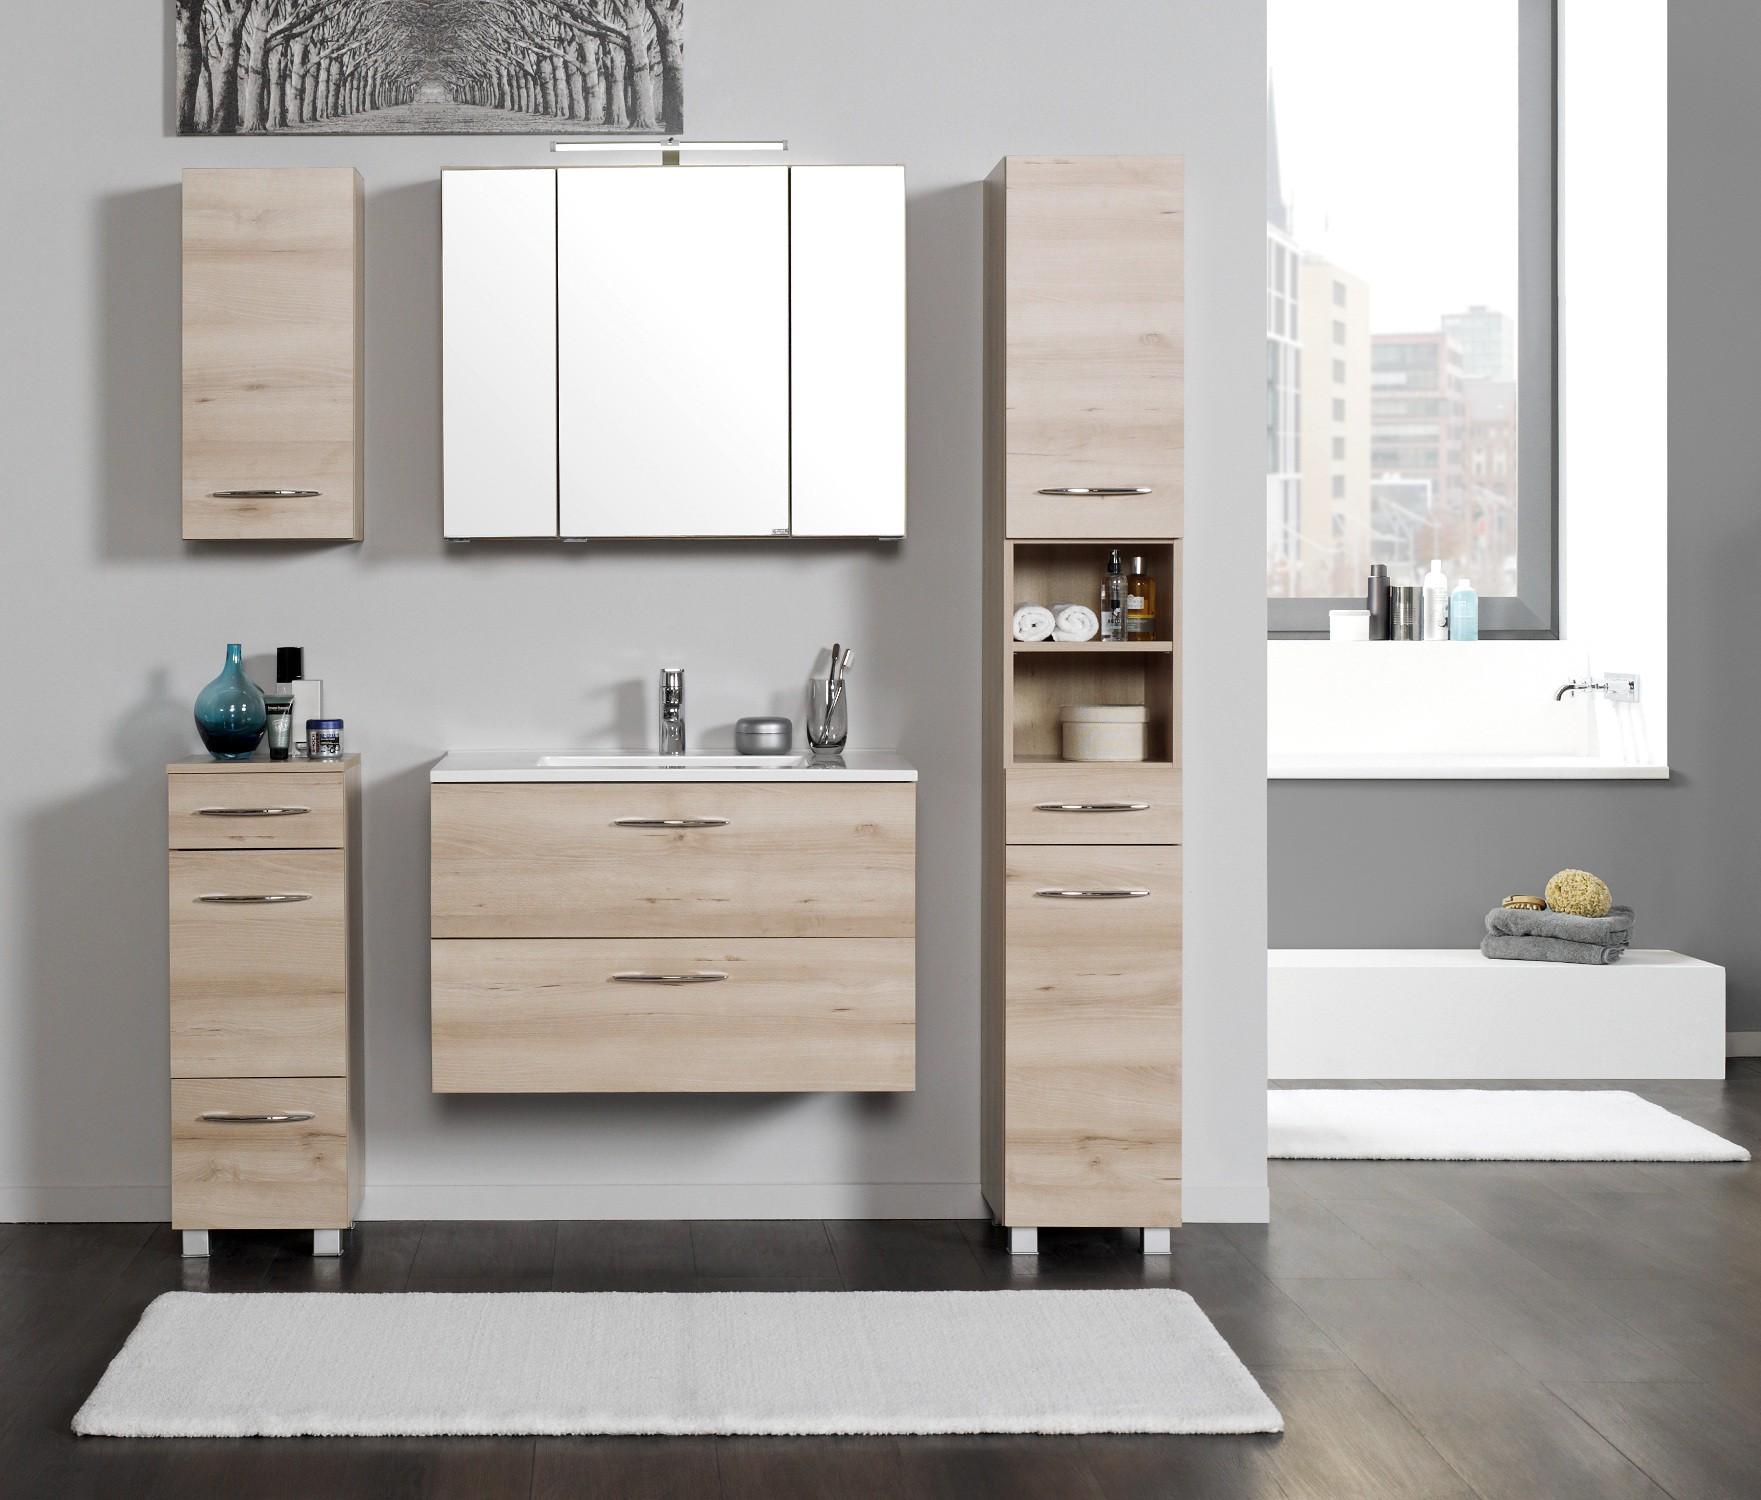 badm bel set portofino mit waschtisch 7 teilig 140 cm breit buche iconic bad badm belsets. Black Bedroom Furniture Sets. Home Design Ideas